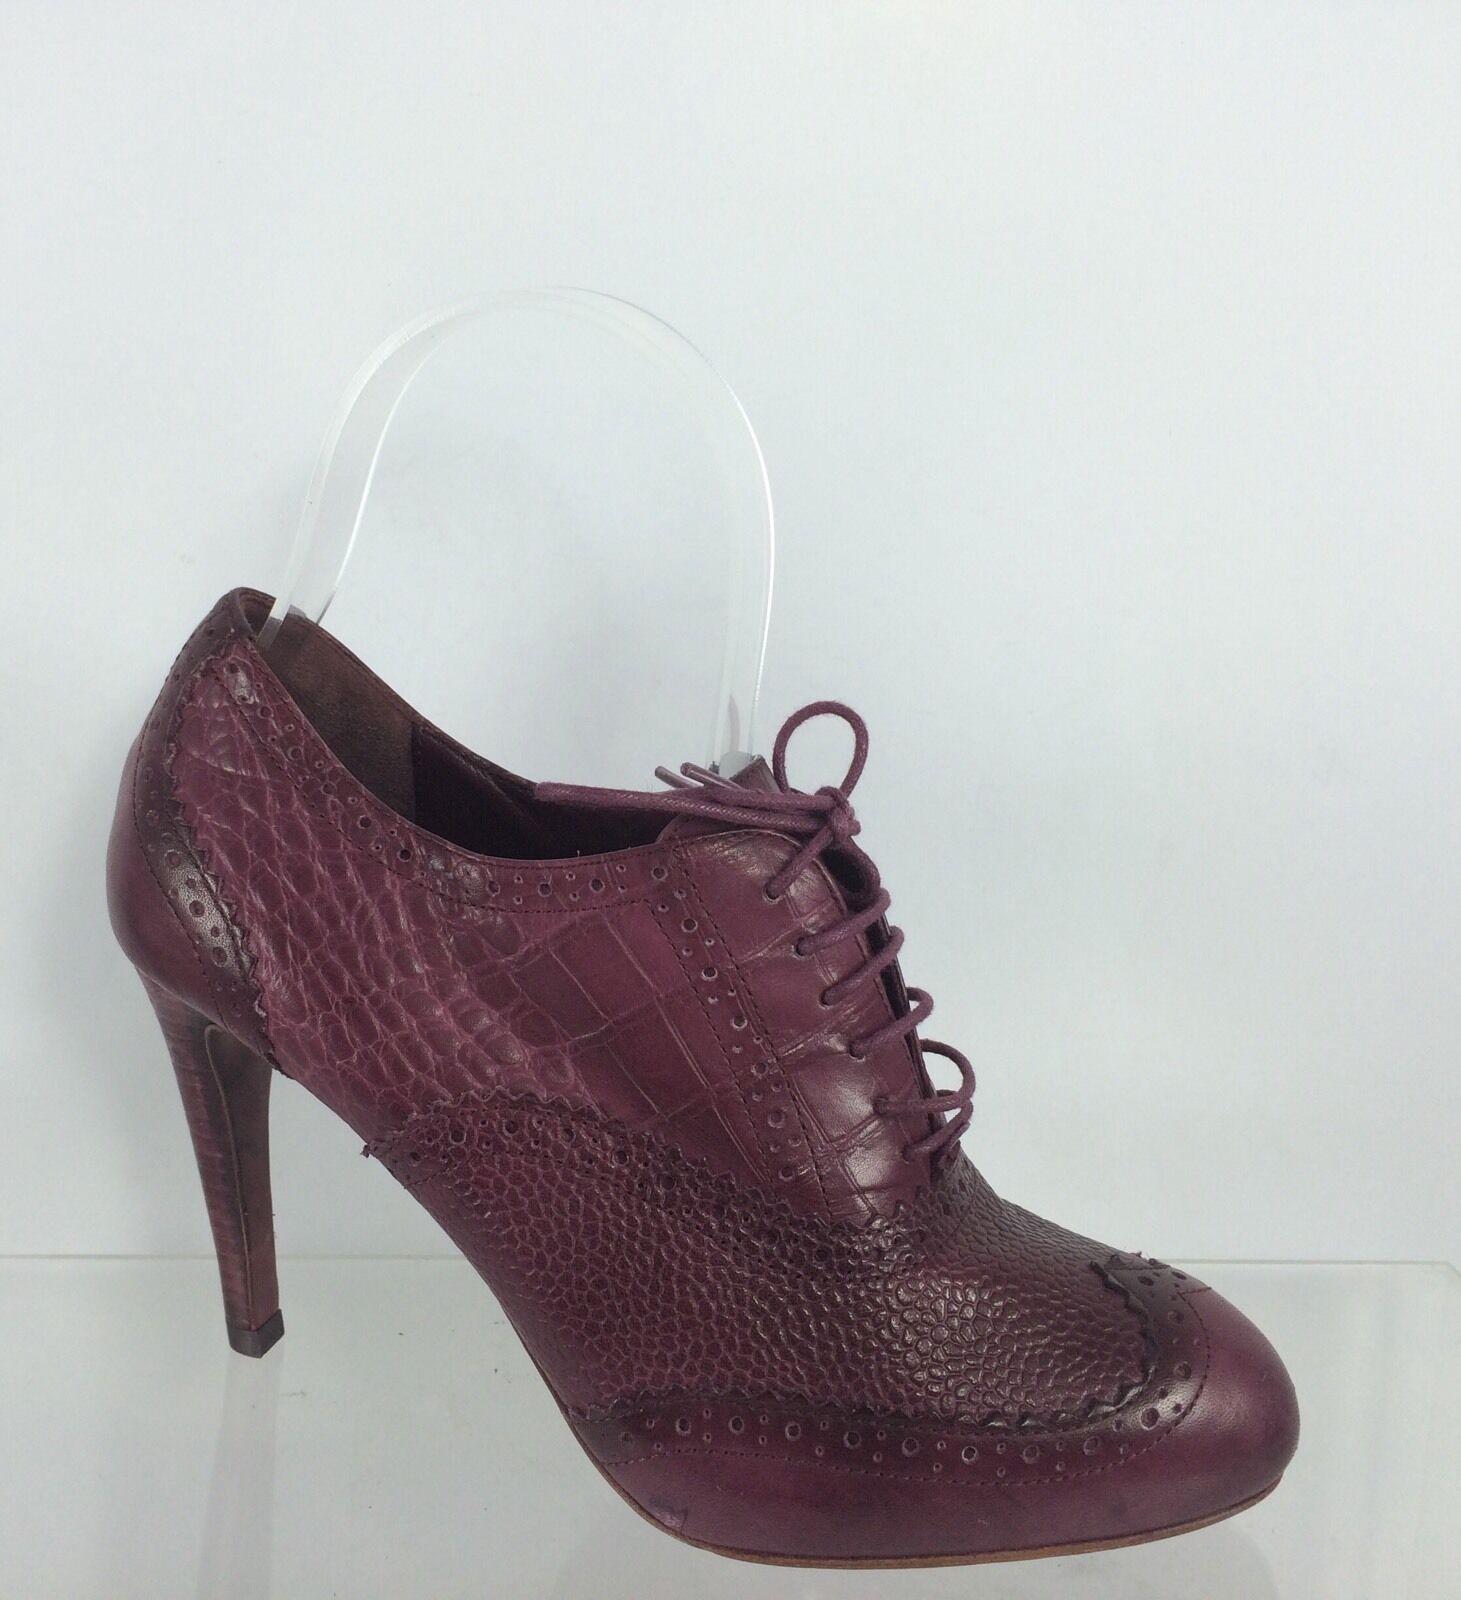 buona qualità Cole Haan Haan Haan donna Maroon viola Leather Ankle stivali 6 B  prezzi bassi di tutti i giorni